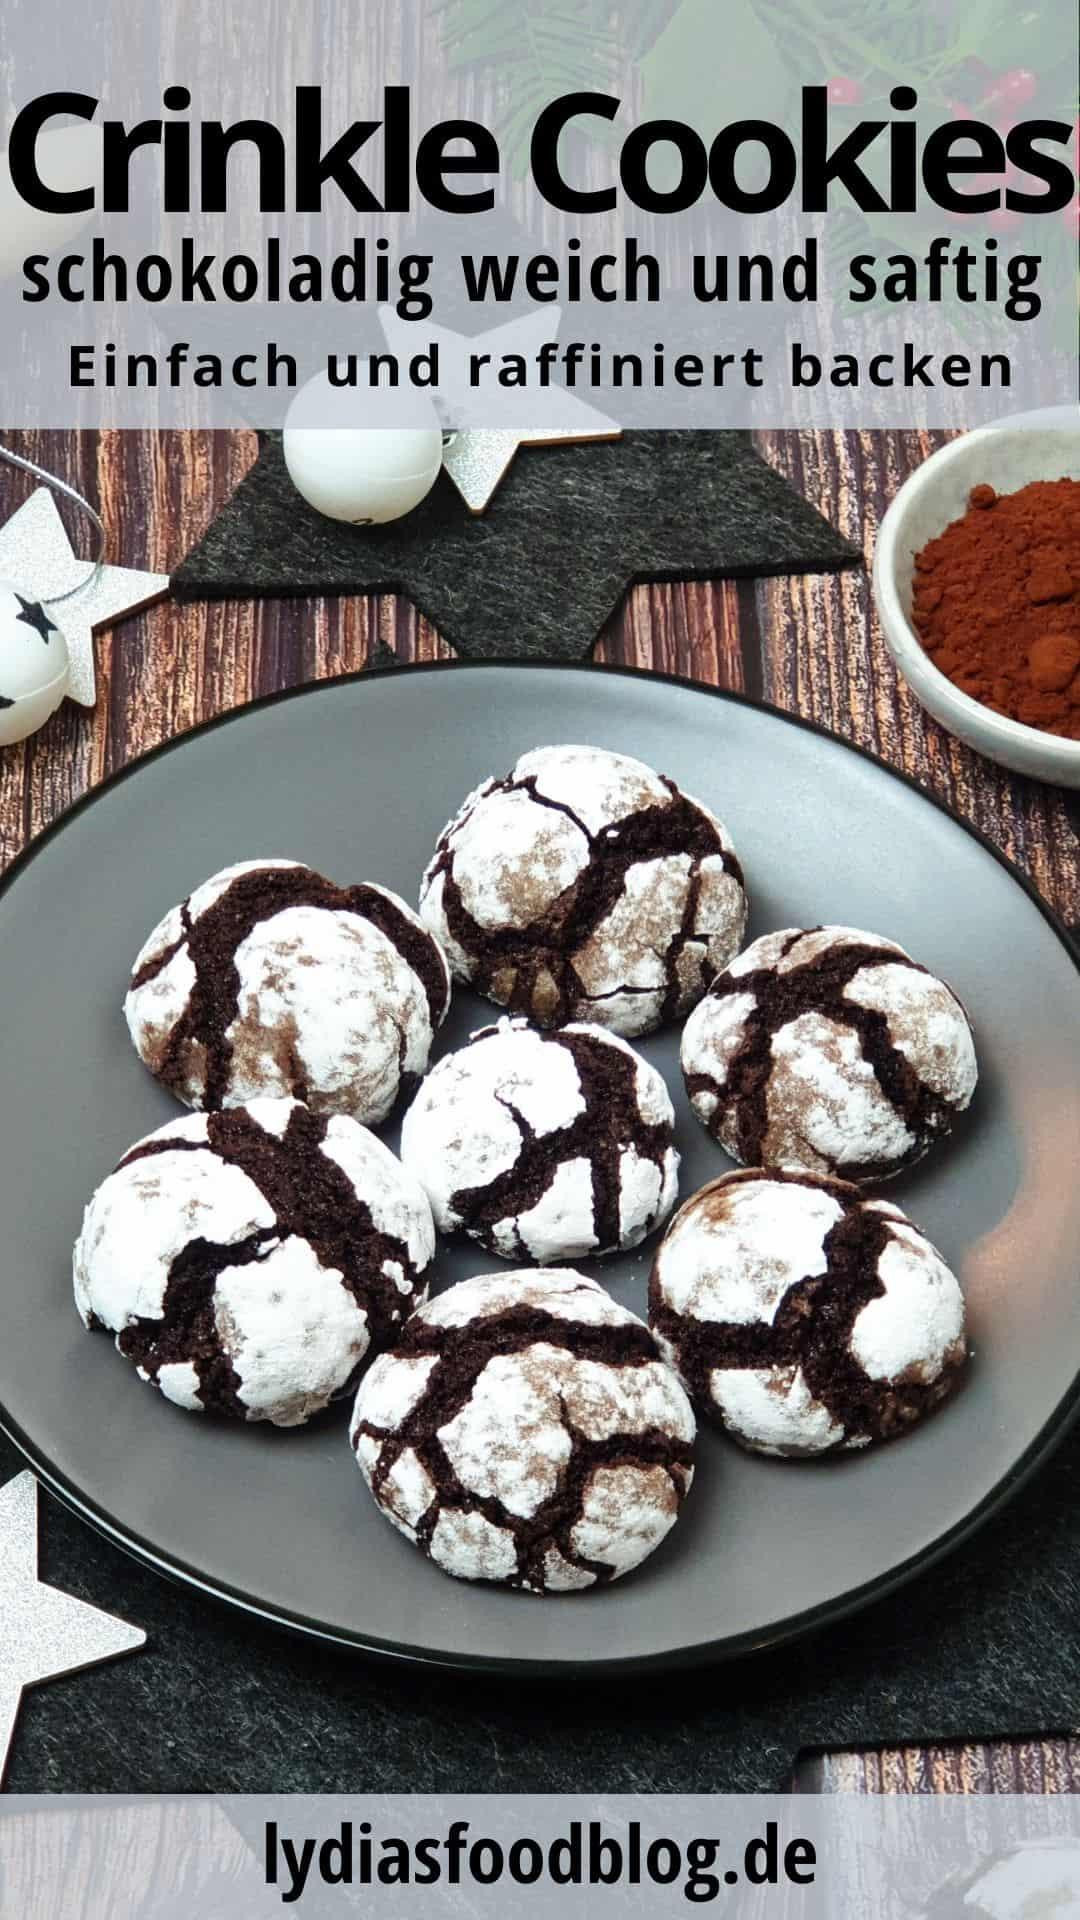 Auf einem grauen Teller weiße Crinkle Cookies. Im Hintergrund Deko.